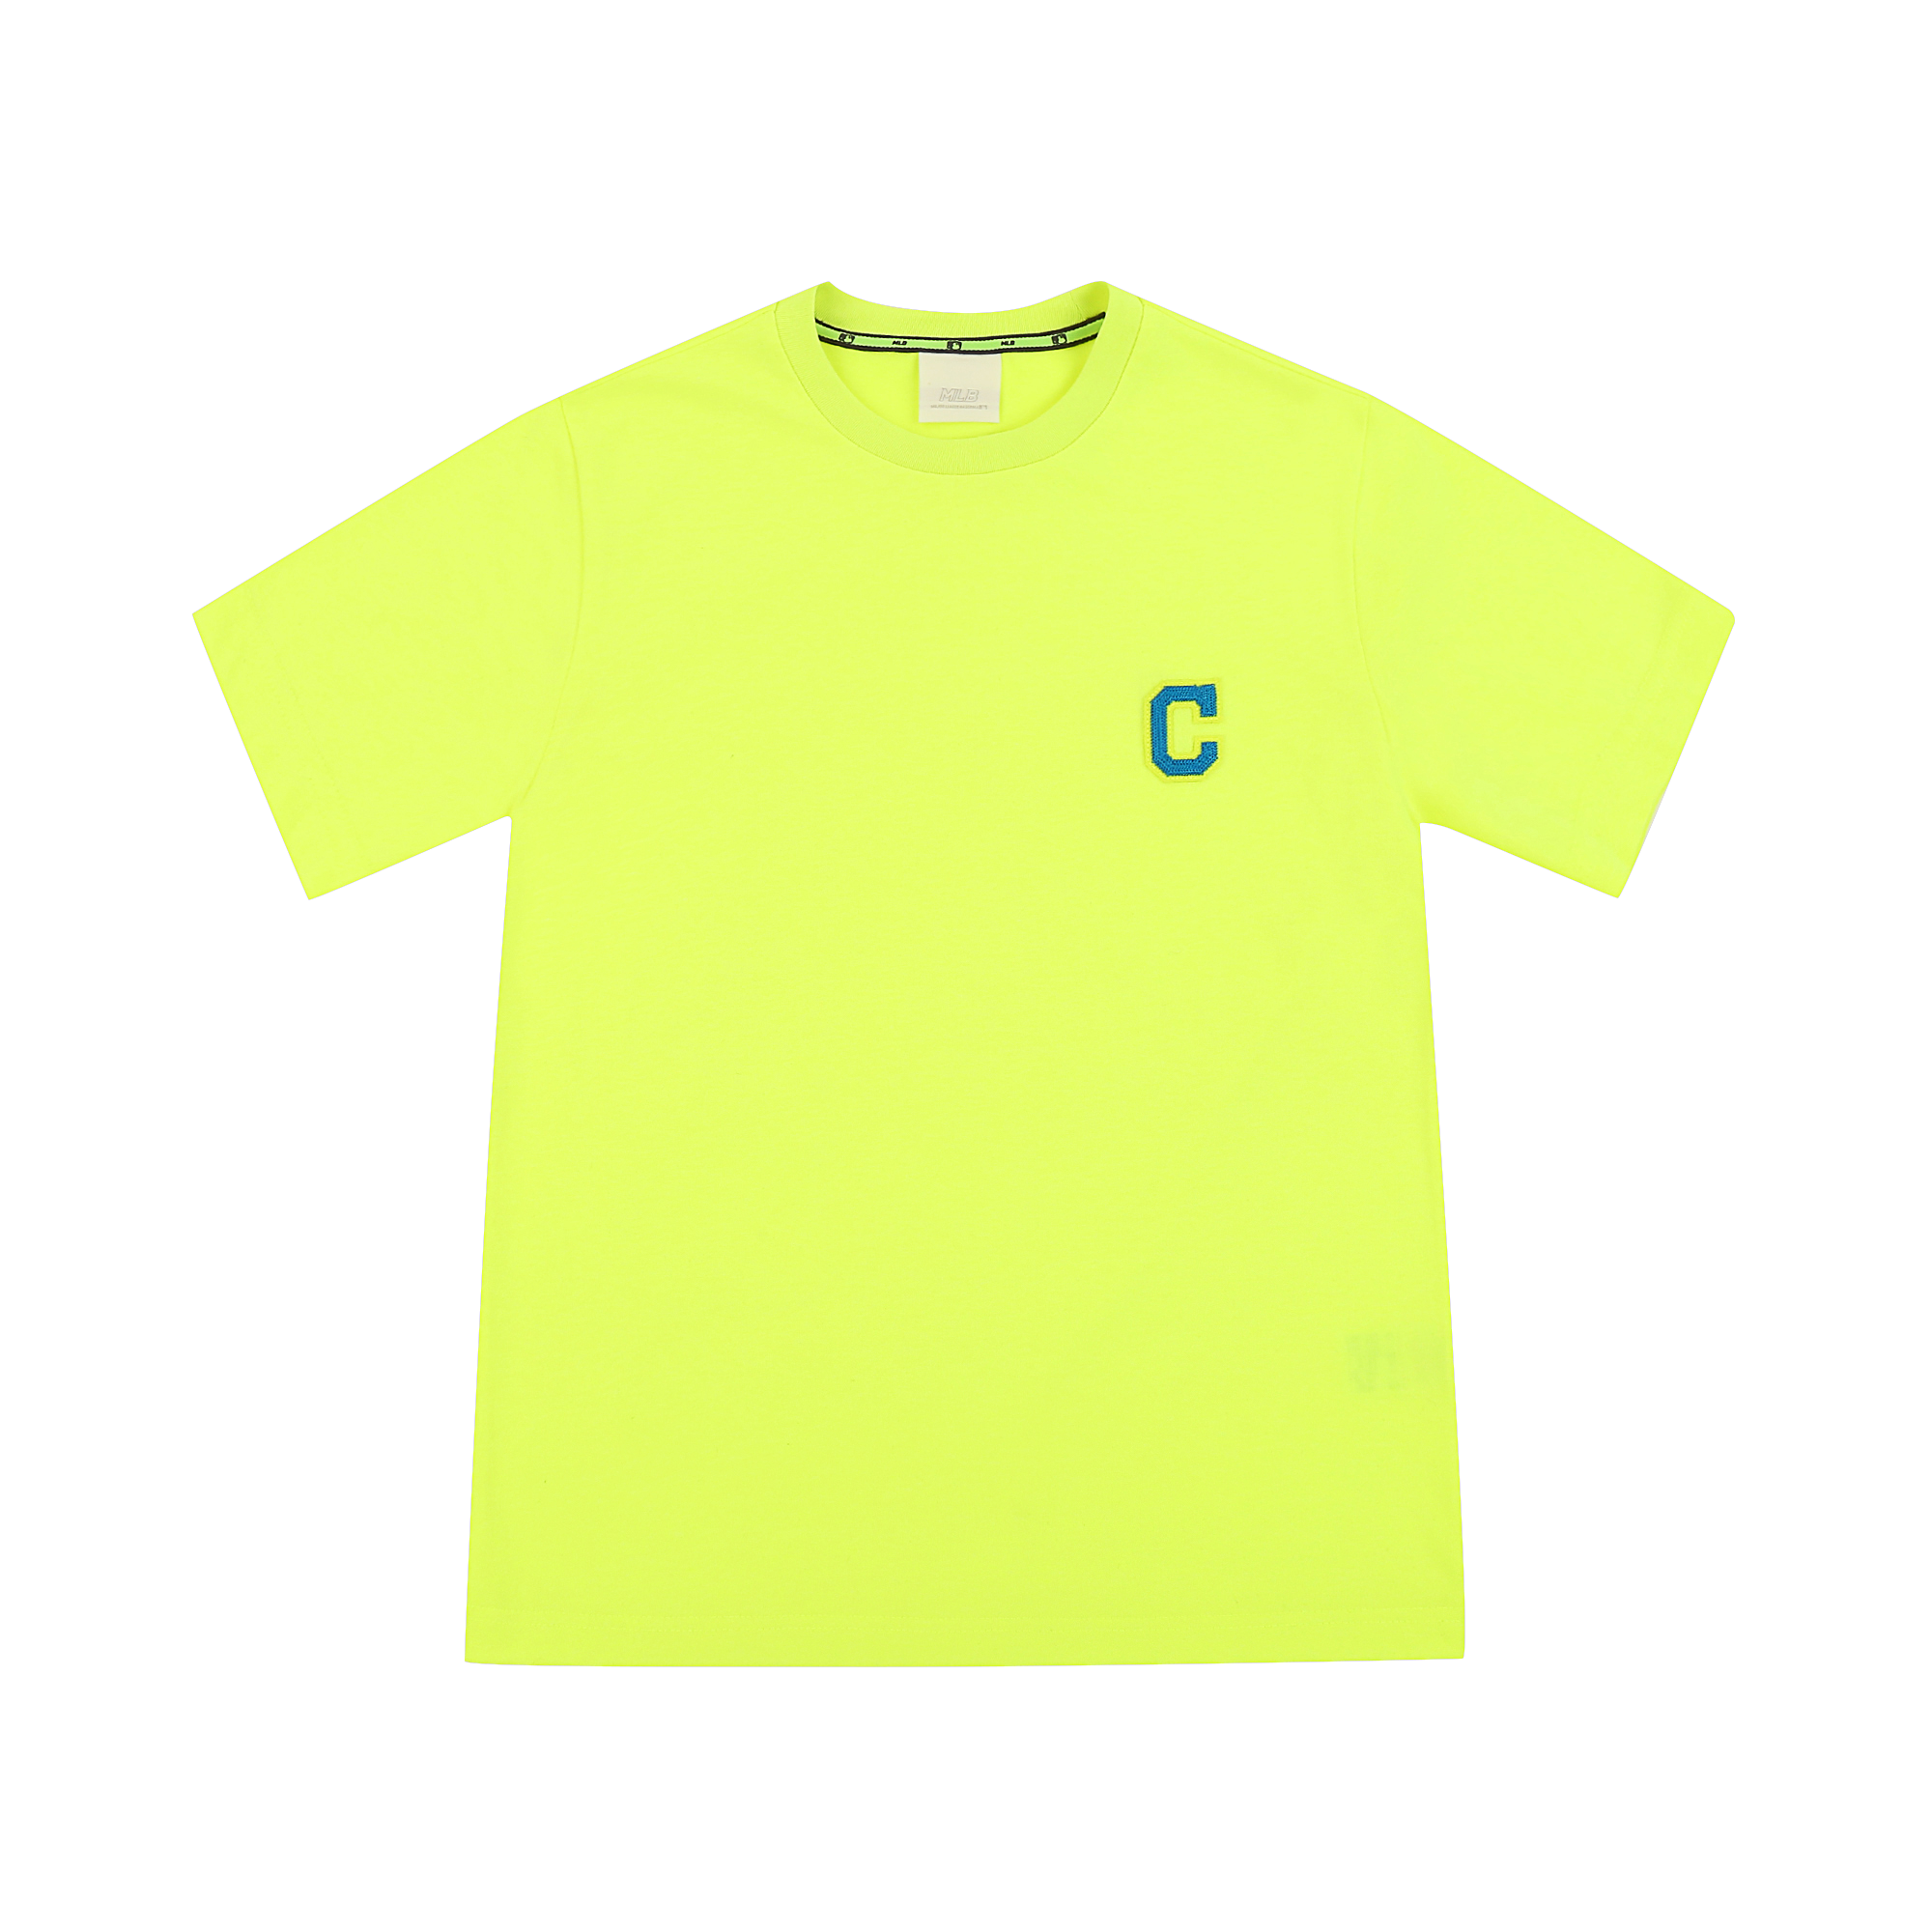 베이직 로고 반팔 티셔츠 클리블랜드 인디언스